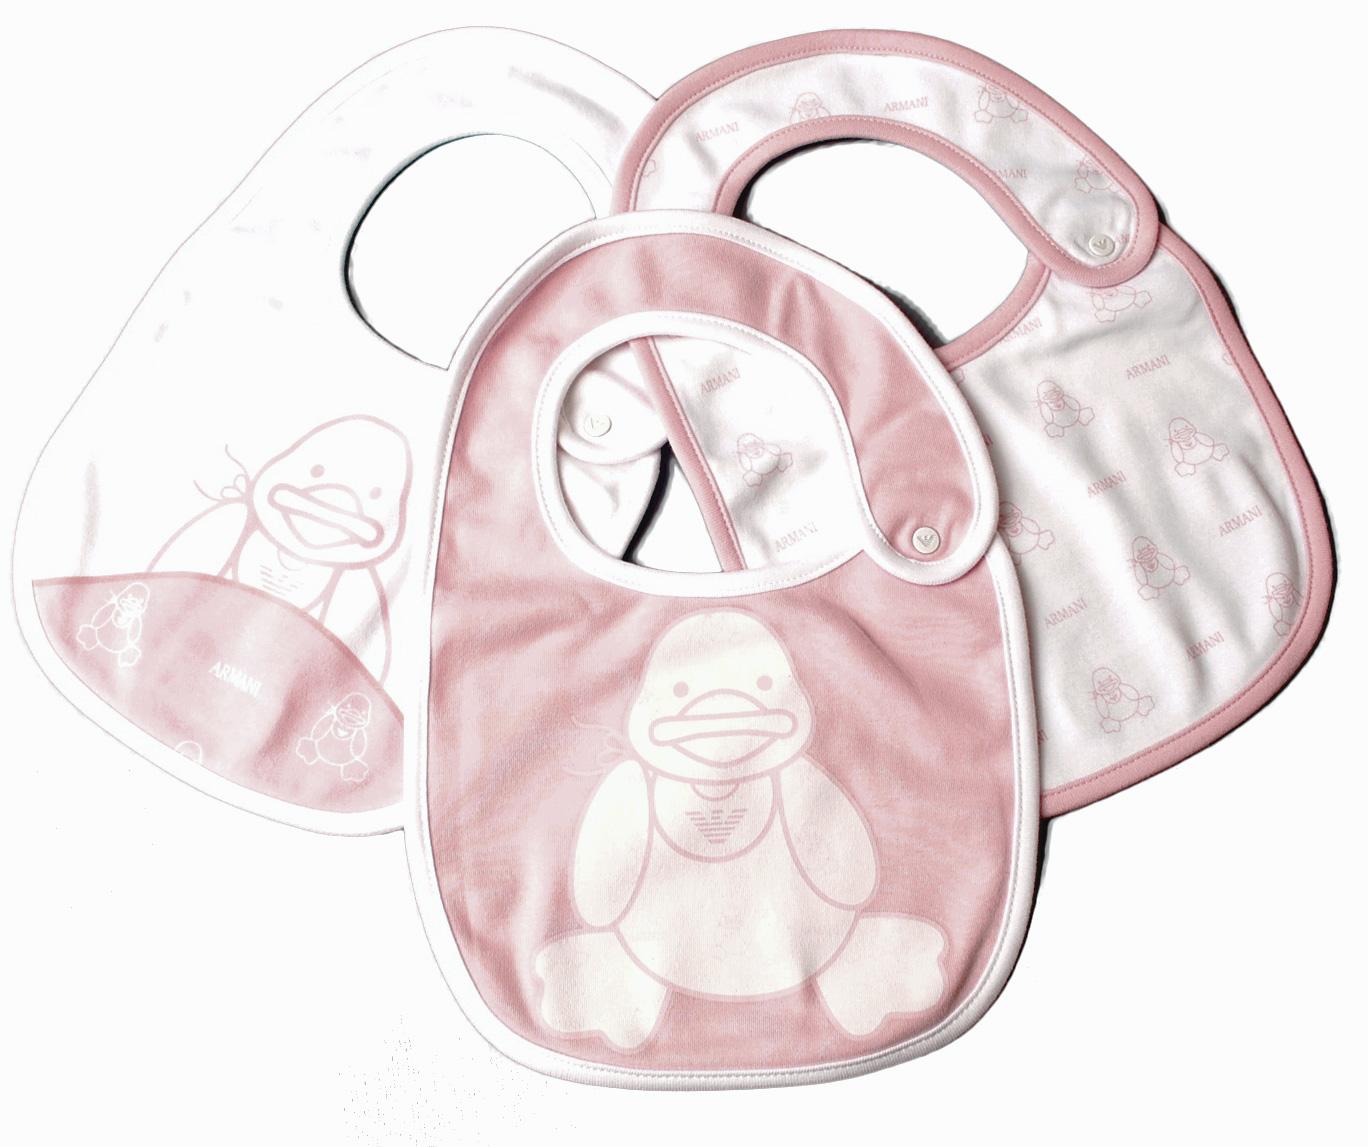 アルマーニベビー スタイ/エプロン 3枚セットギフトボックス付 ARMANI BABY ベビー女の子 ローズピンク/ホワイト 出産祝い